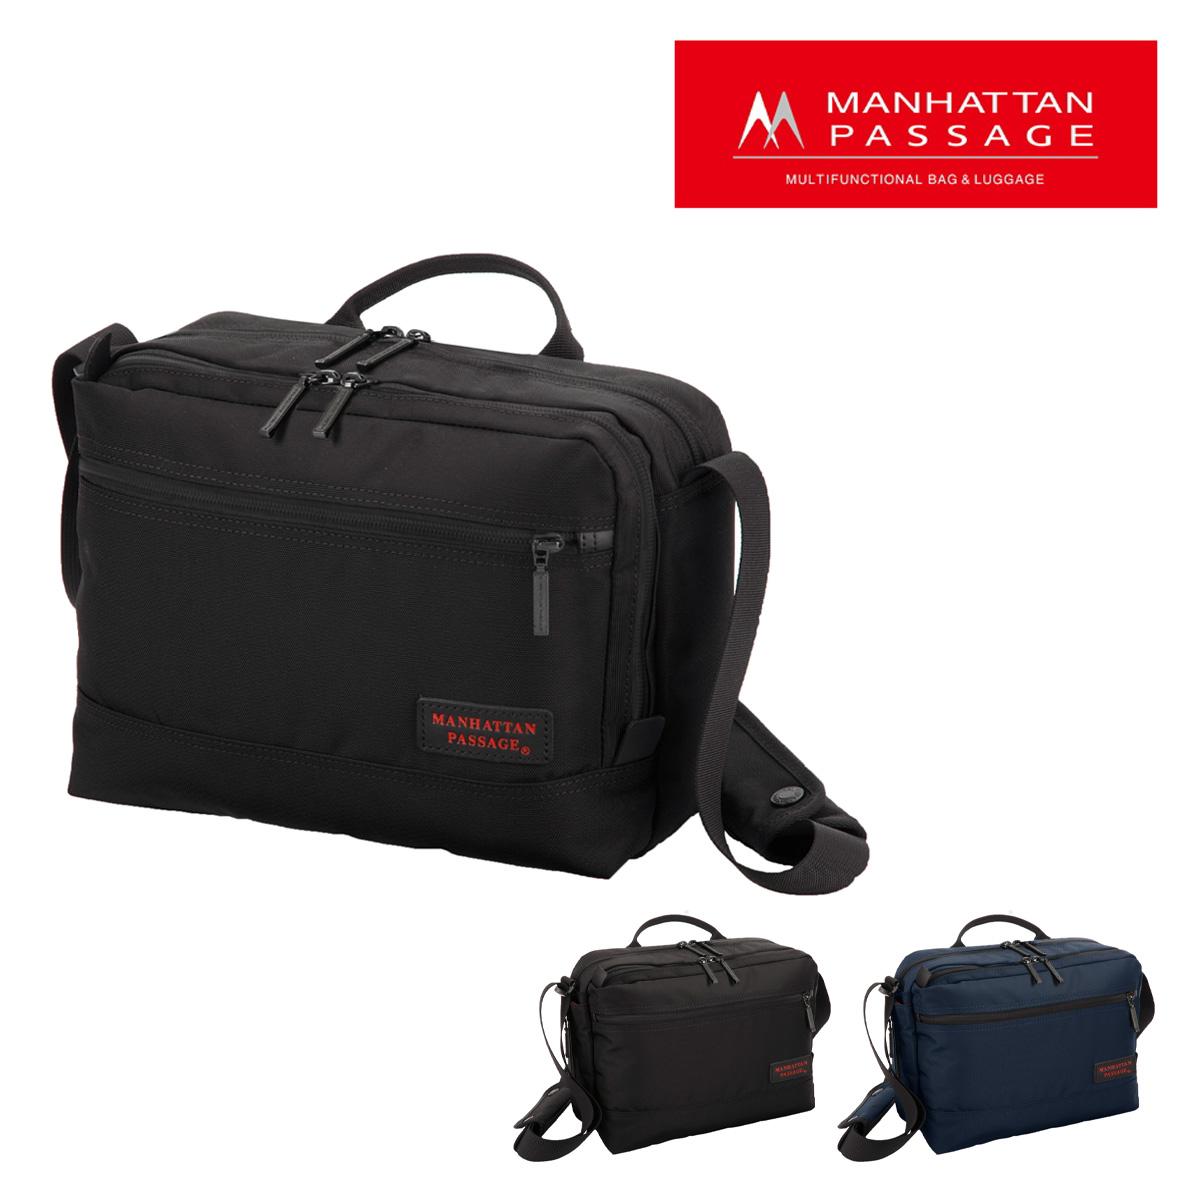 マンハッタンパッセージ ビジネスバッグ 2WAY B5 ウルティメイトコレクション メンズ 8085 MANHATTAN PASSAGE ULTIMATE COLLECTION|ブリーフケース ショルダーバッグ 高密度ナイロン[PO10]